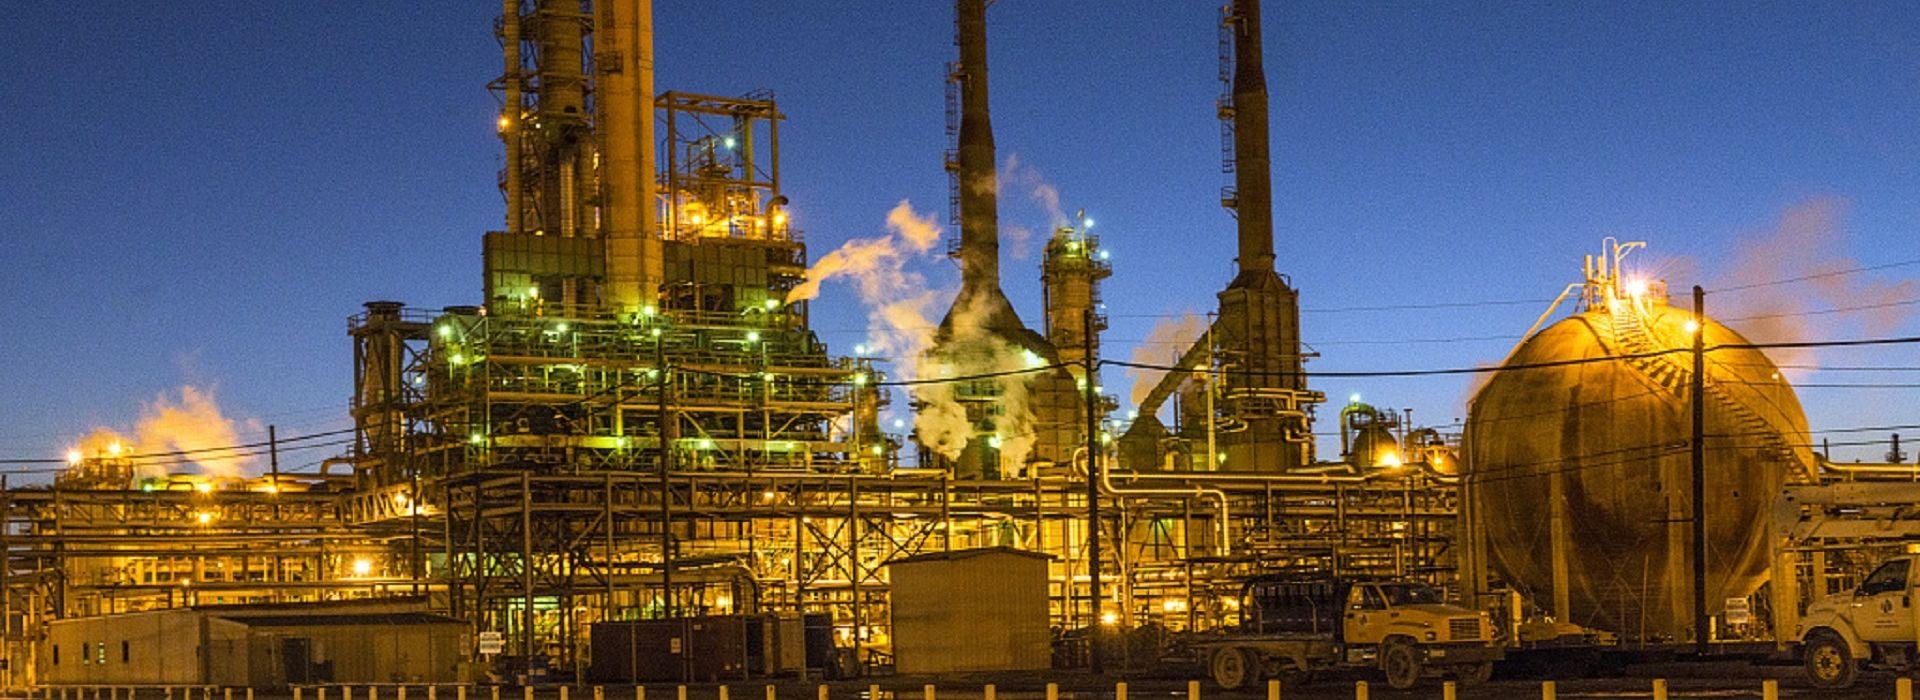 Поставка нефтепродуктов